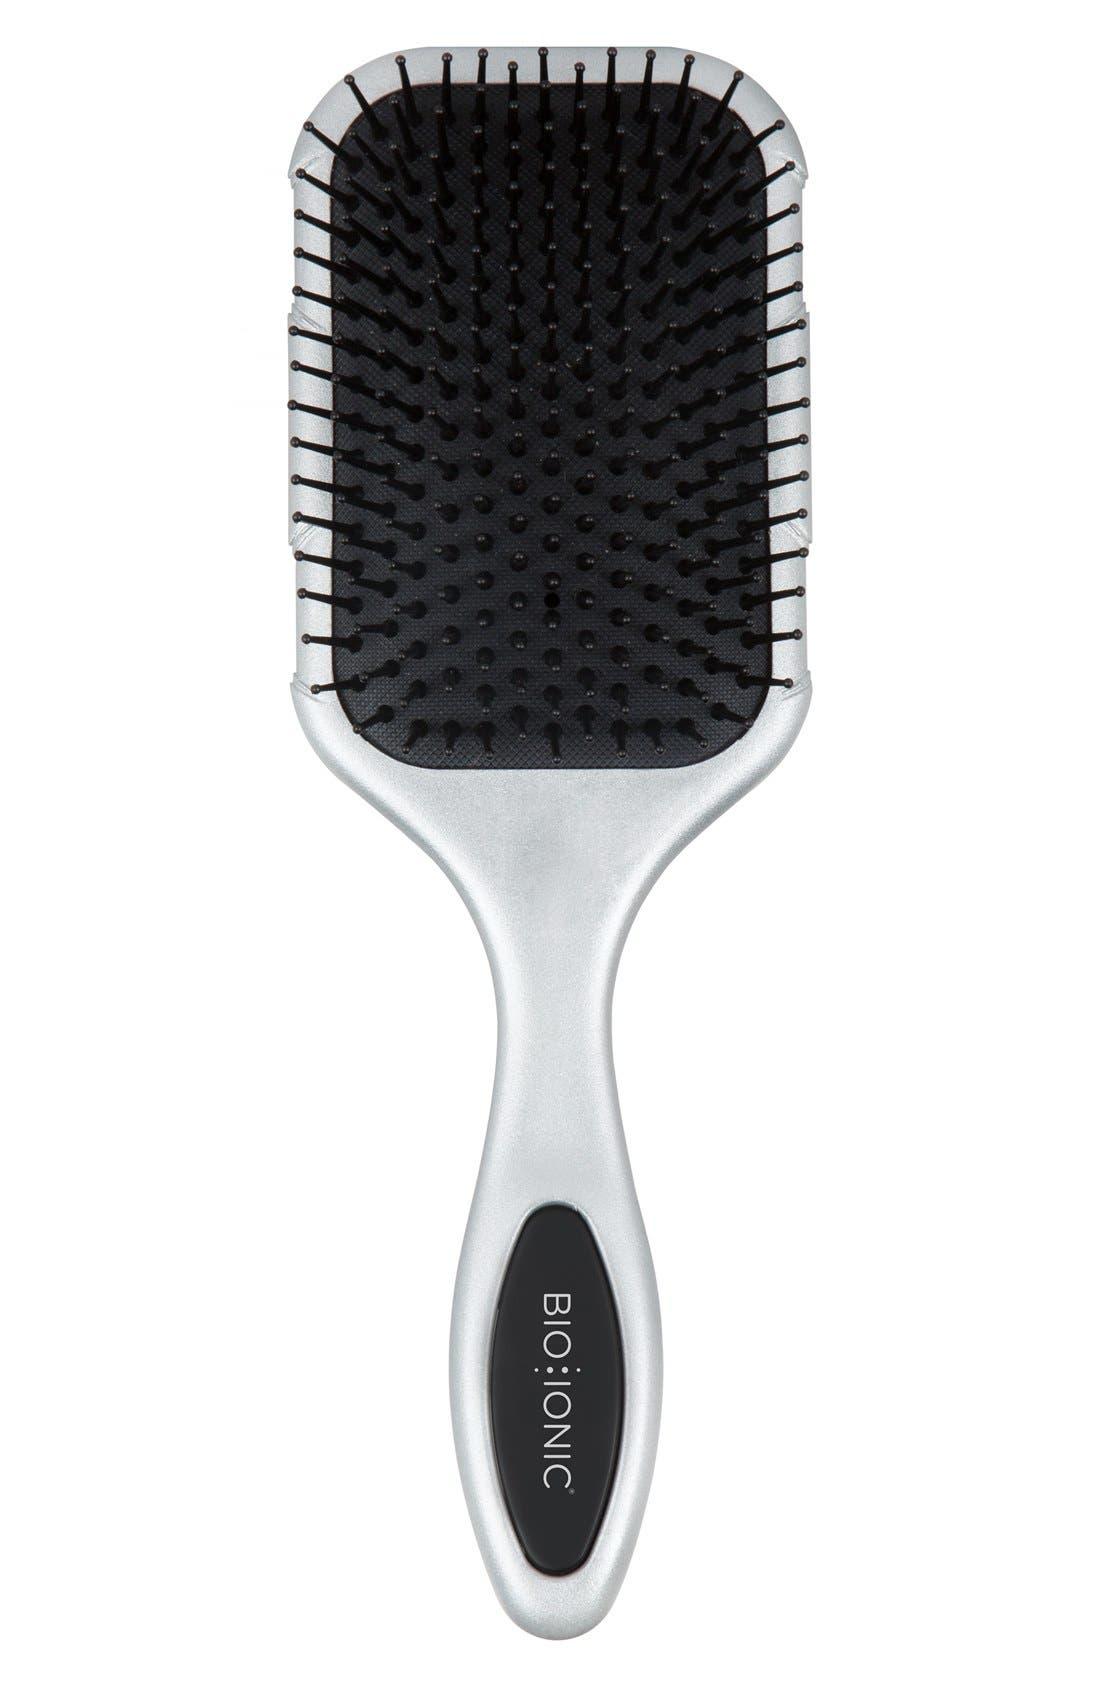 BIO IONIC 'SilverClassic' Paddle Brush